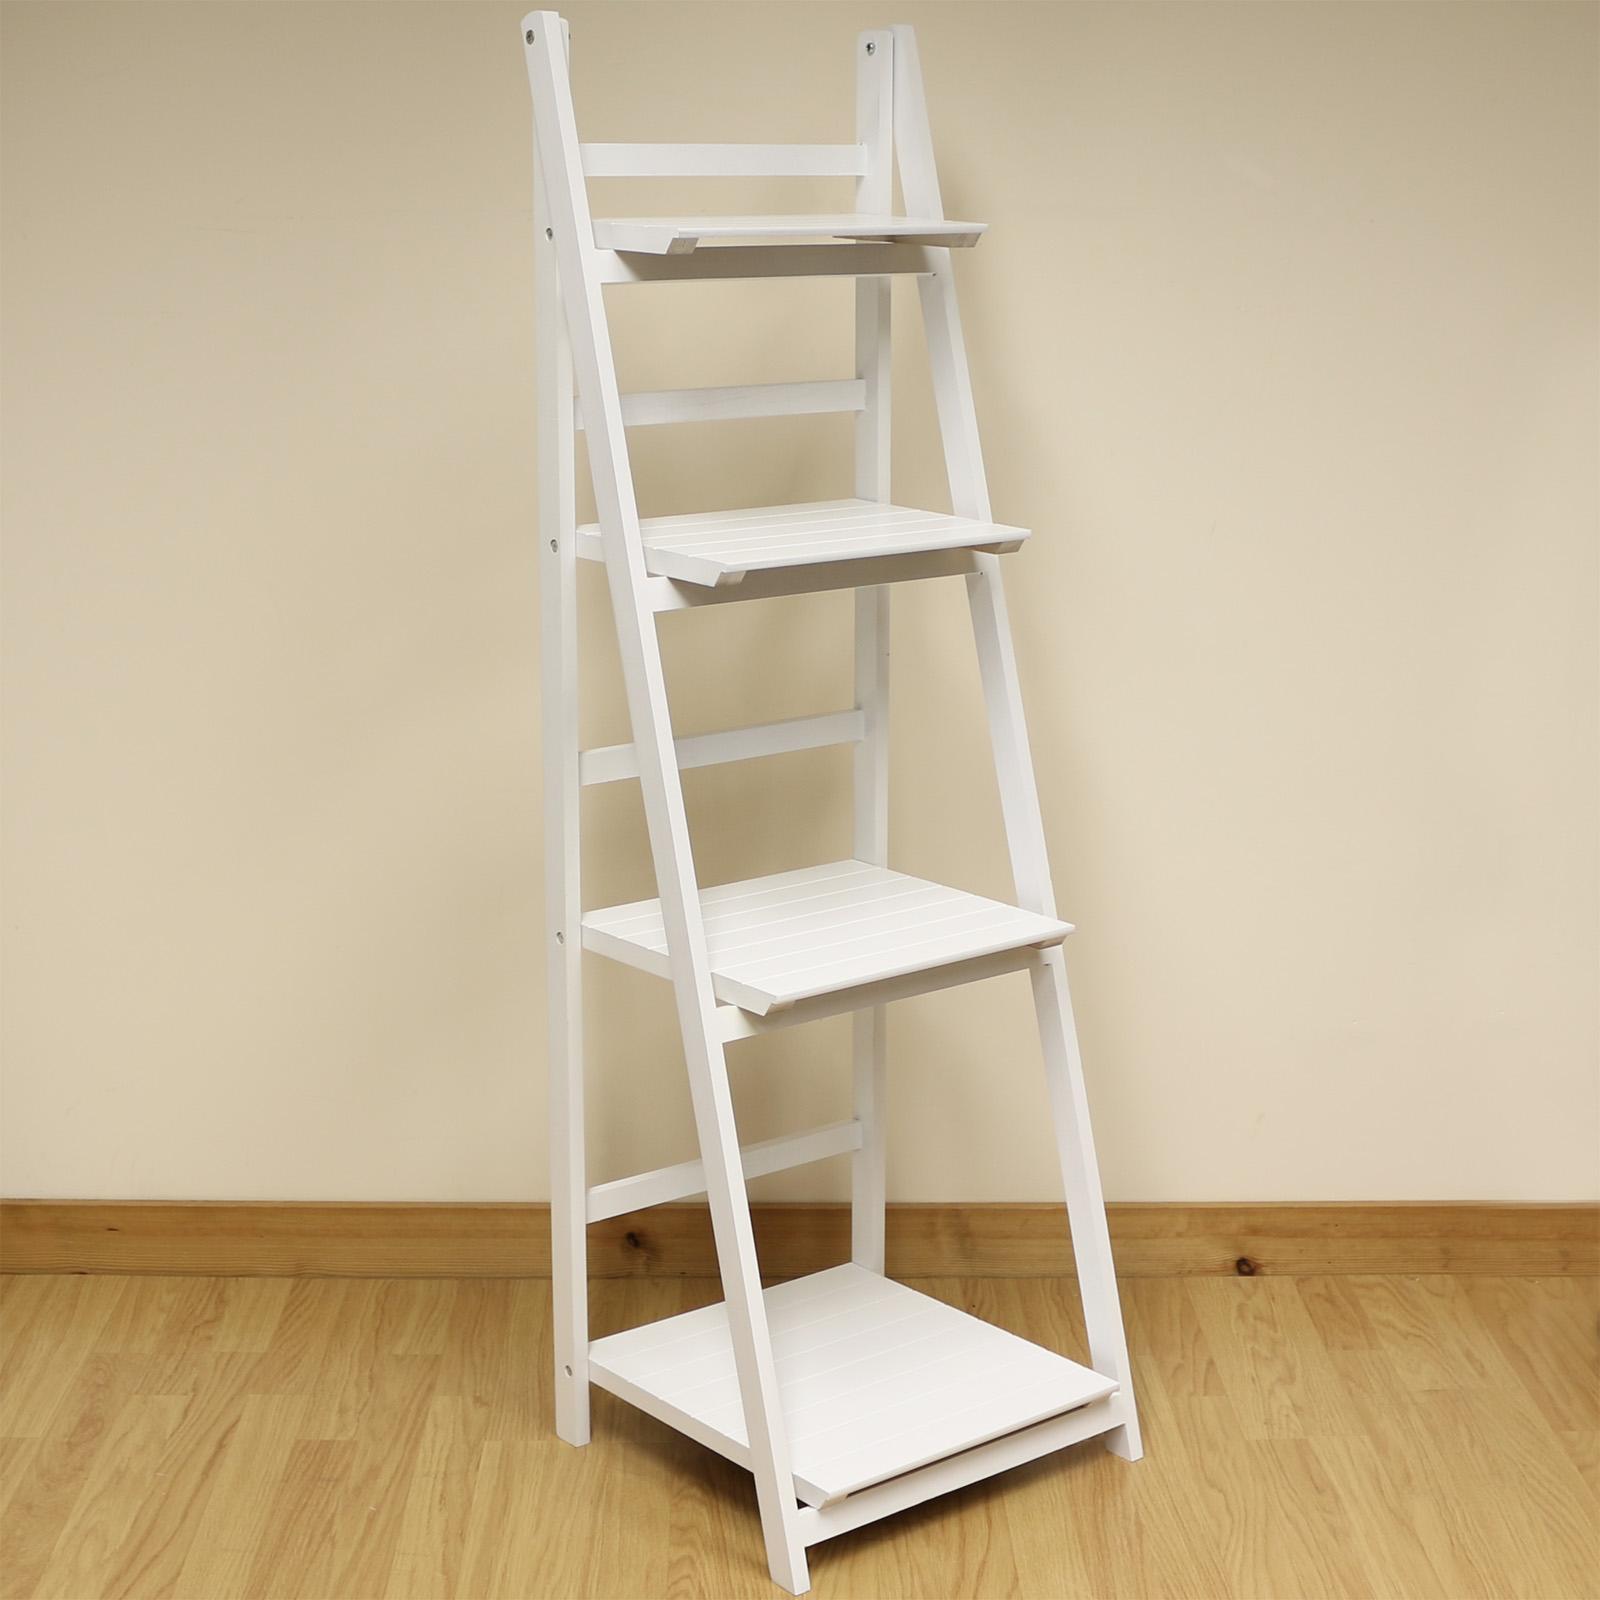 sale 4 tier white ladder shelf display unit free. Black Bedroom Furniture Sets. Home Design Ideas